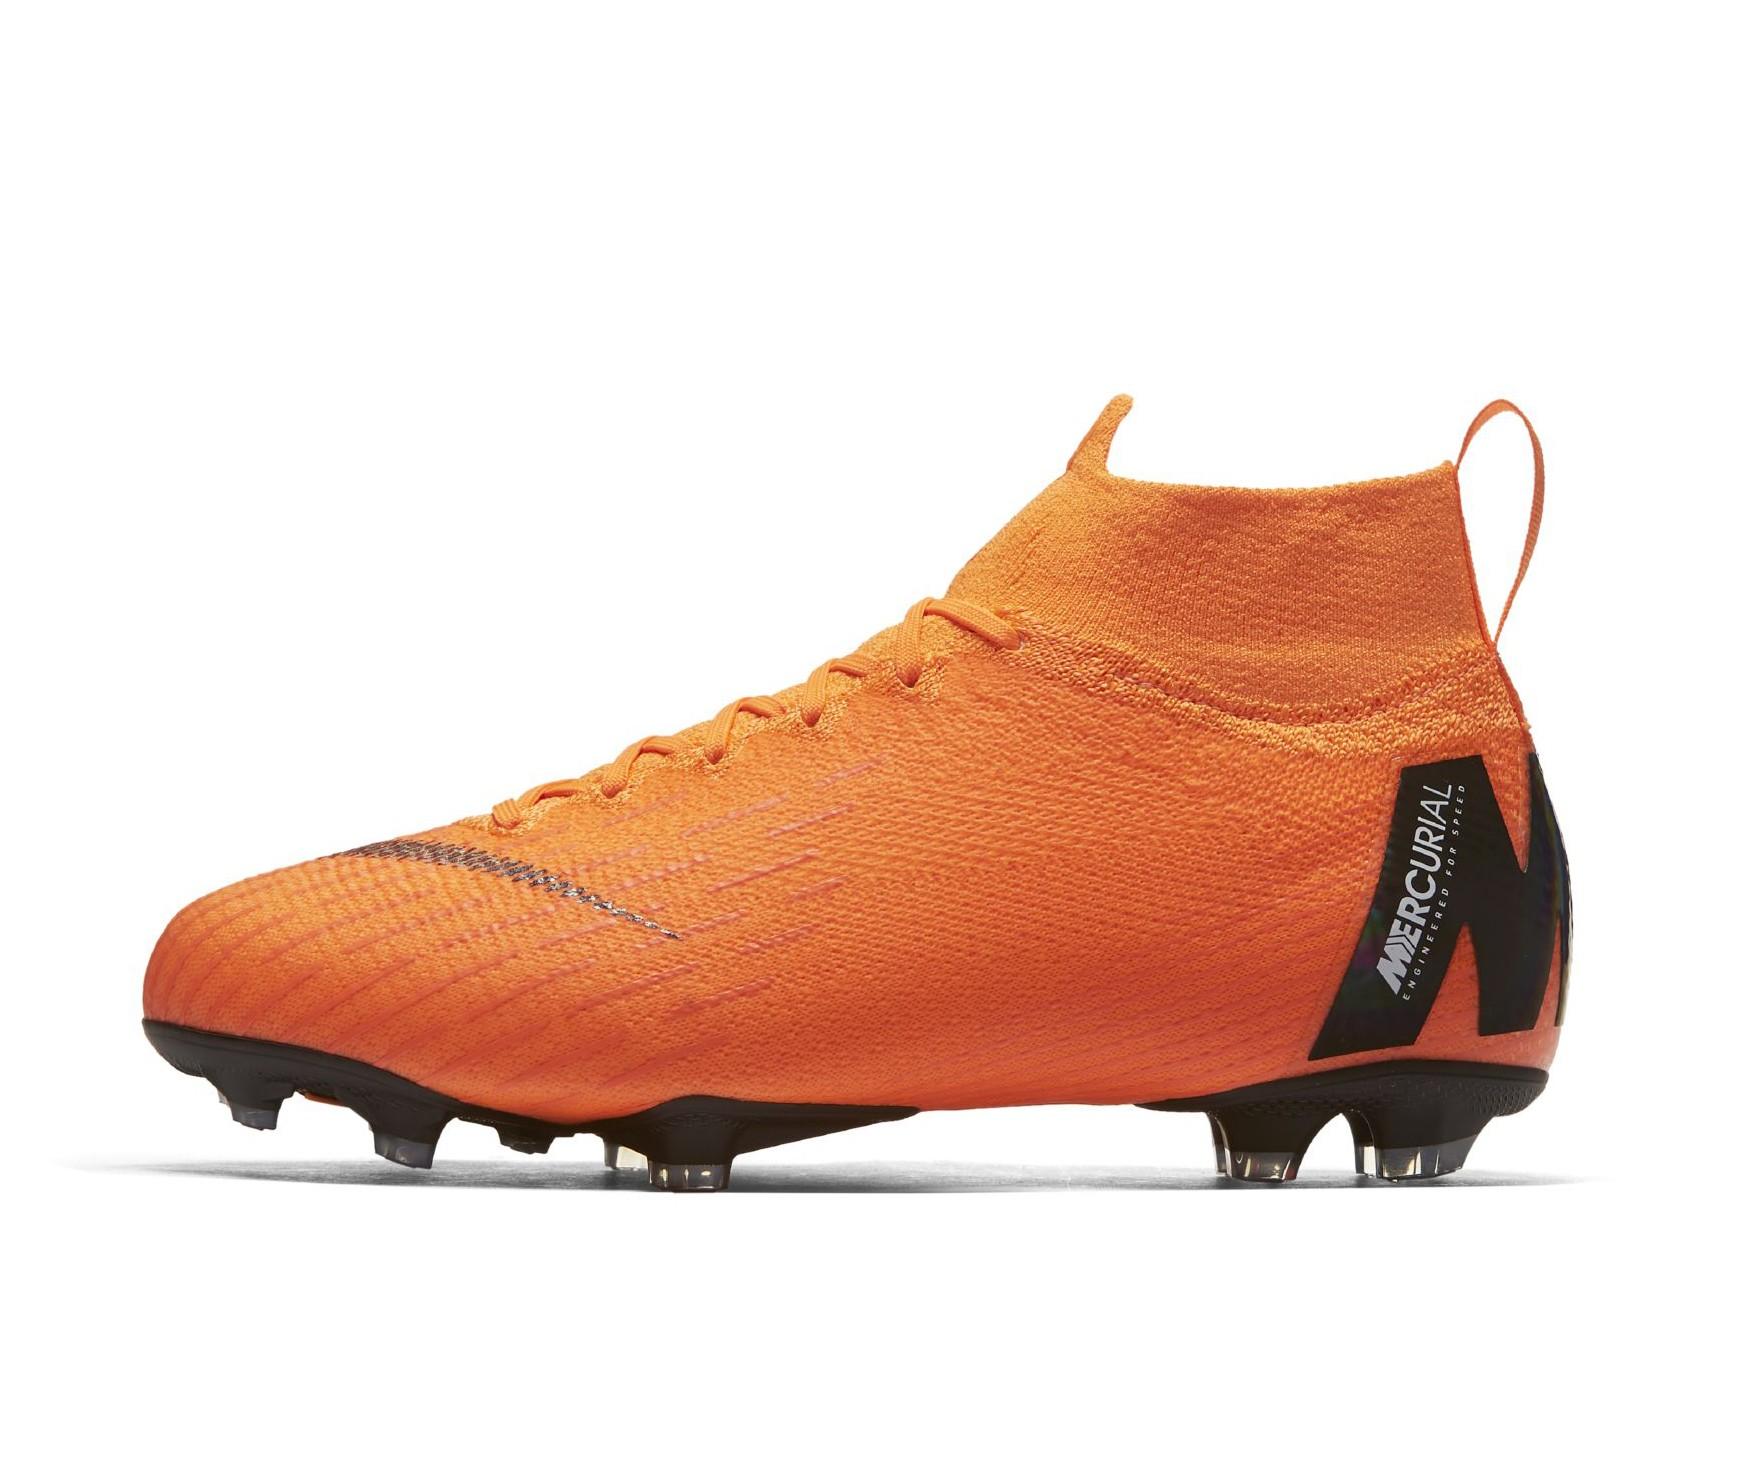 on sale cbc62 d84f1 ... buy chaussures de football nike mercurial superfly v fg pour hommes noir  bleu blanc chaussure de